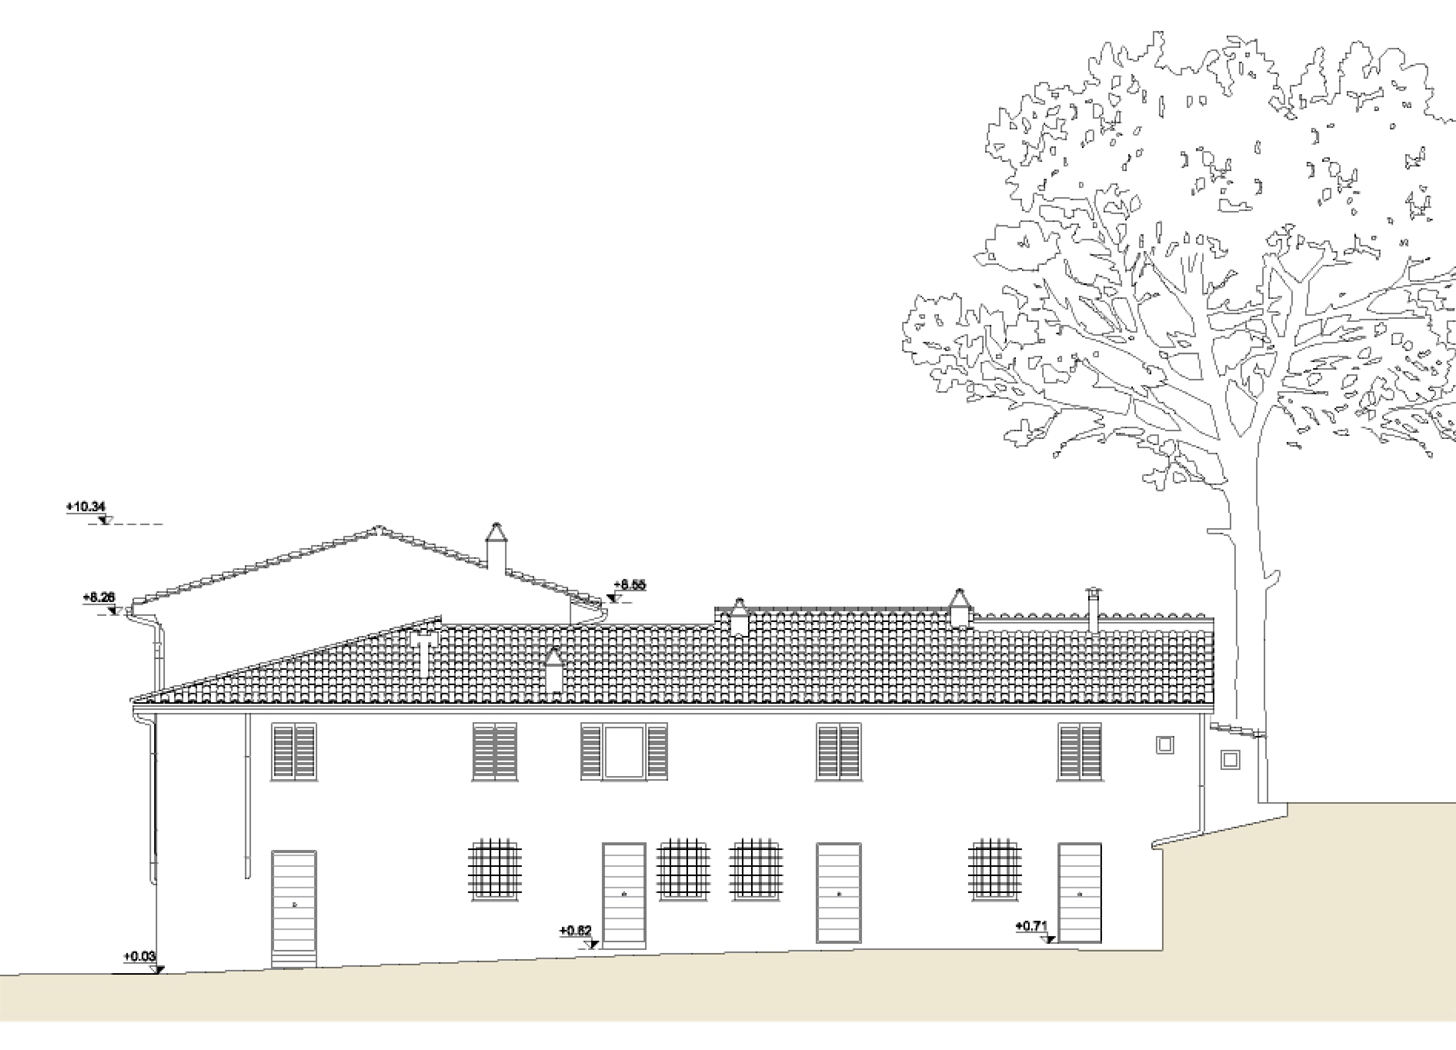 Unità residenziali a Sesto Fiorentino: dettaglio